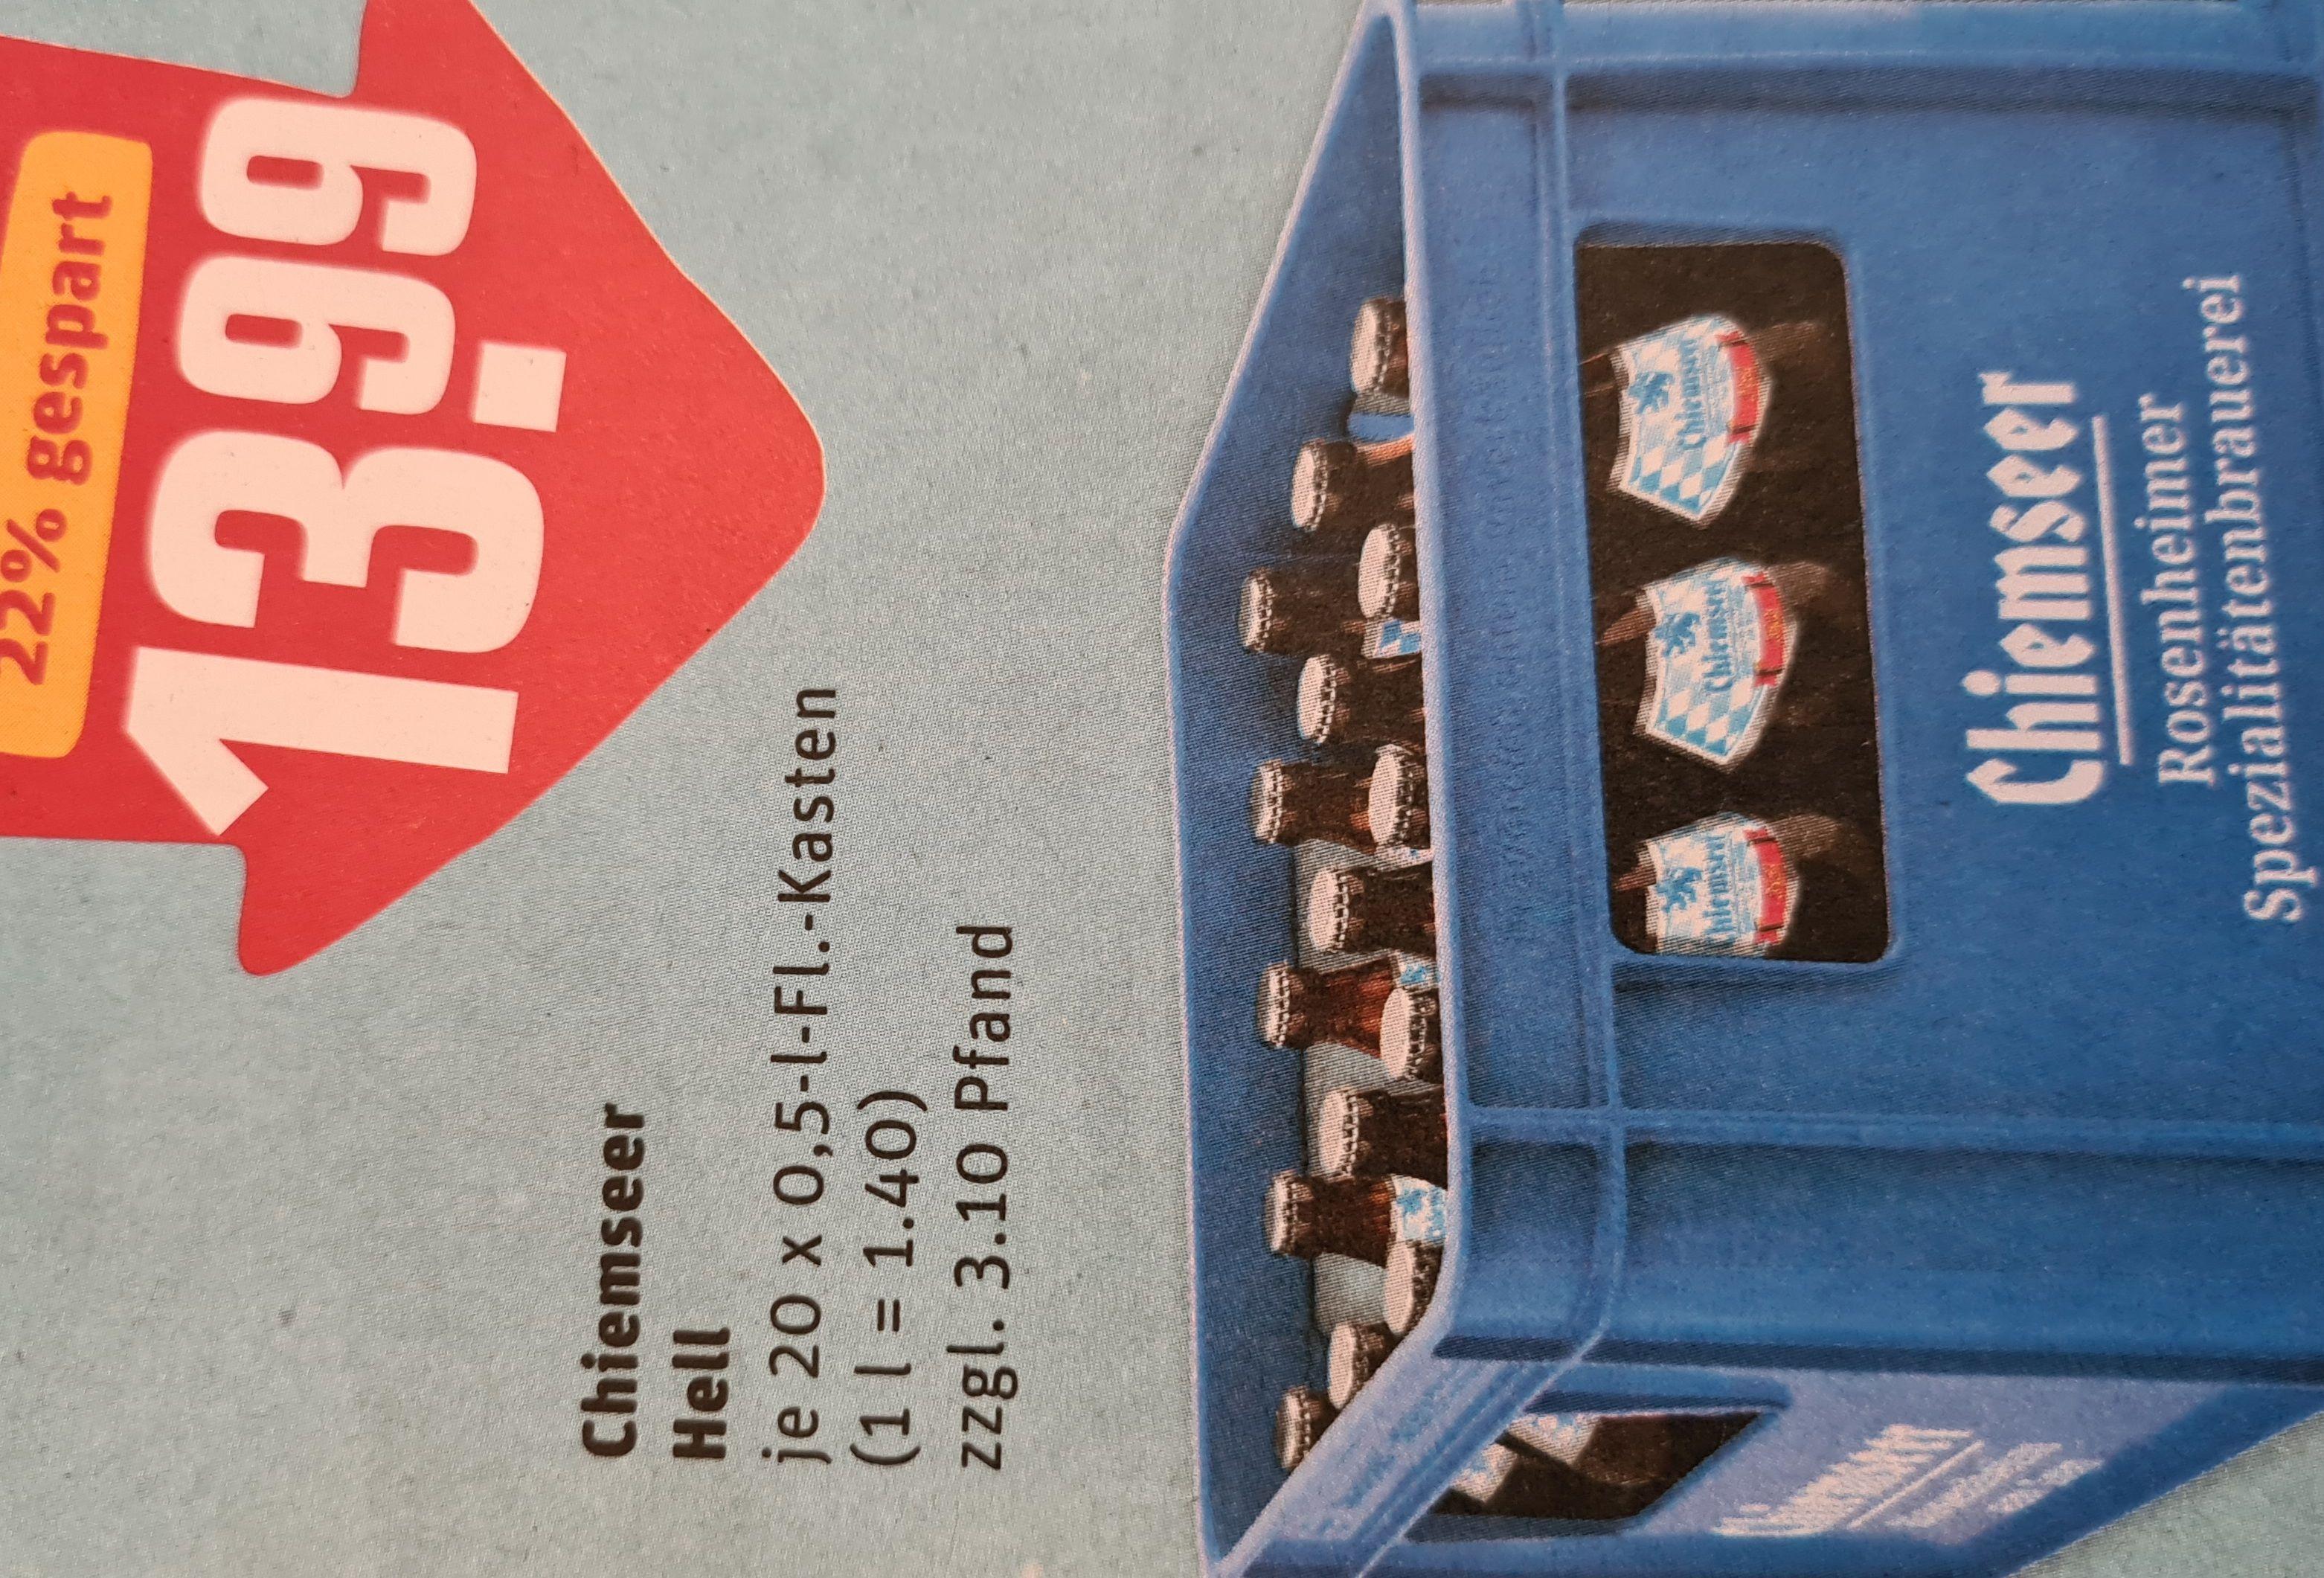 [Rewe] Kasten 20x0,5 Liter Chiemseer Hell Bier für 13,99€ + durch mehrere Payback Aktionen noch viel günstiger